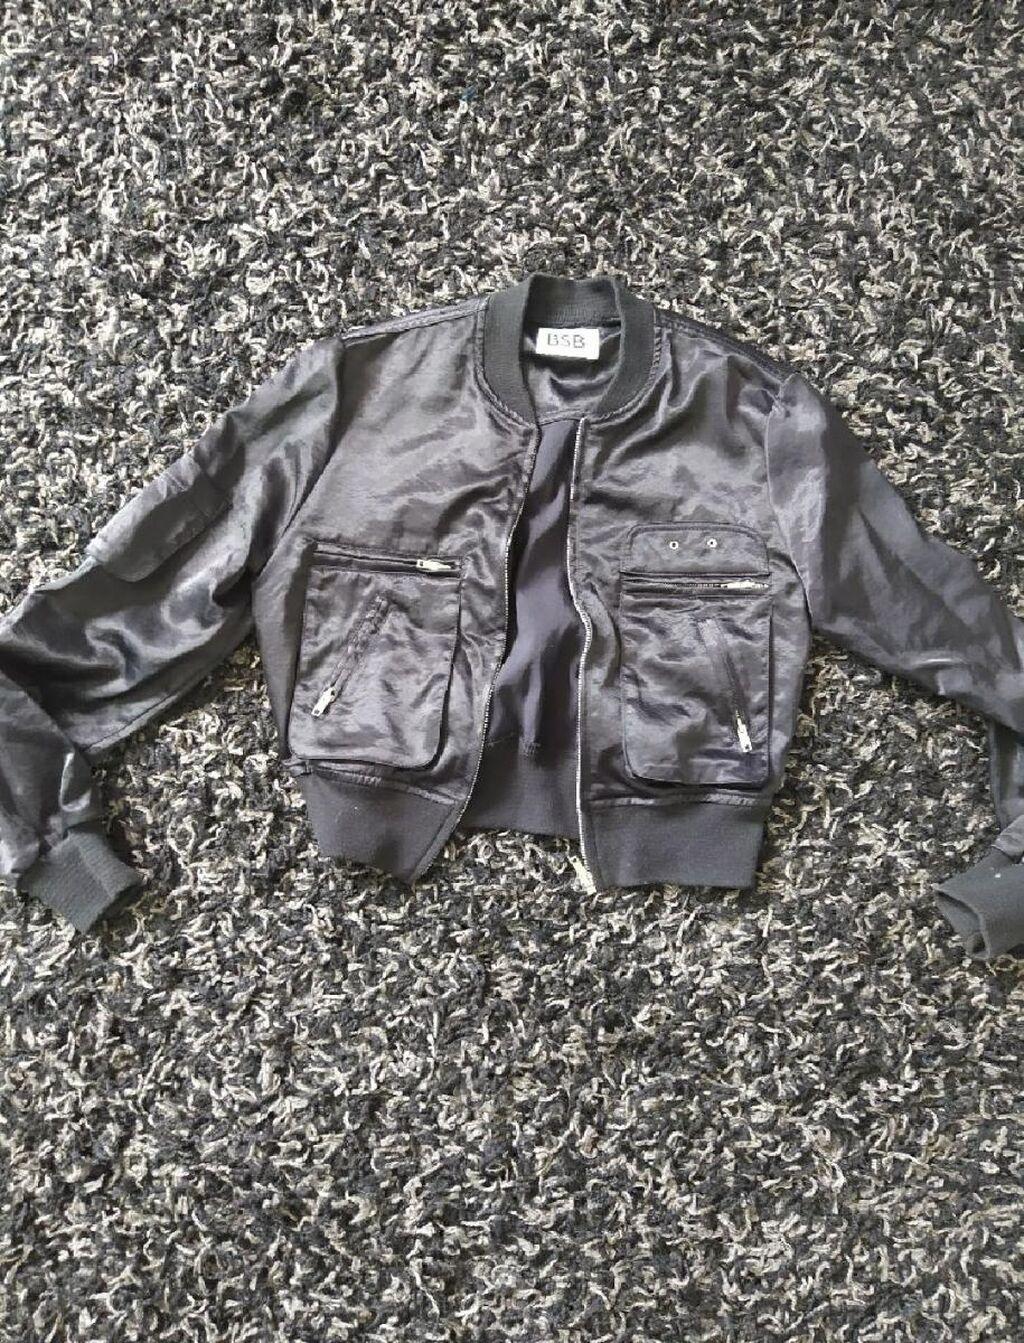 BSB Bomber satin jacket, Size L, black